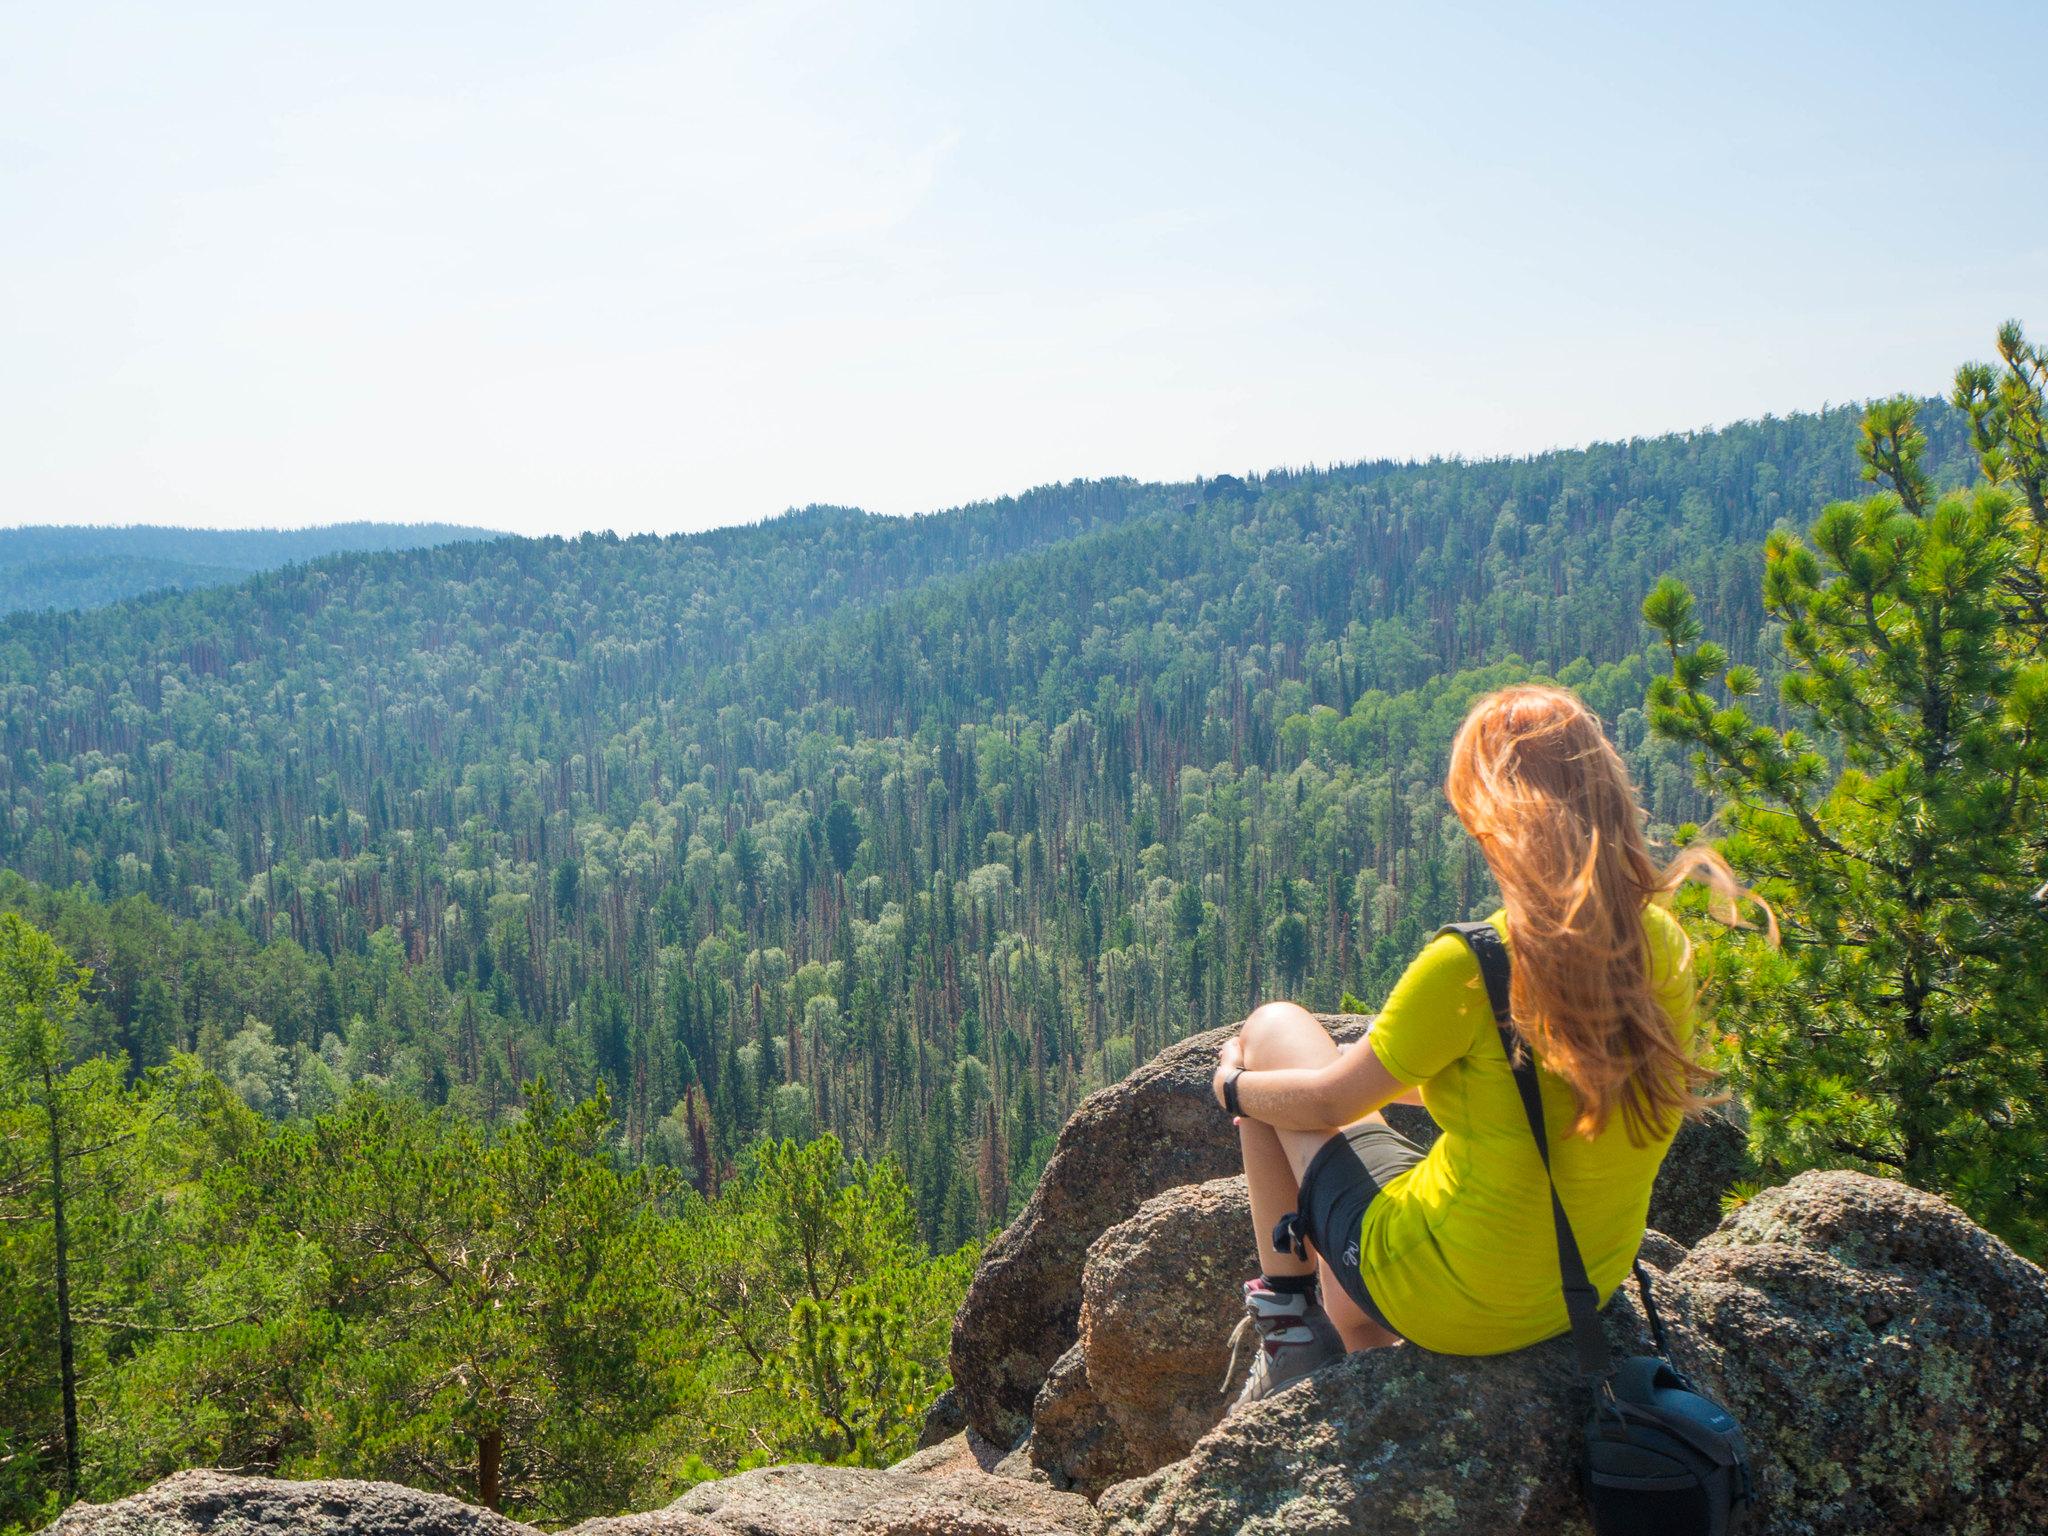 Výhled na přírodní rezervaci // View of the nature reserve